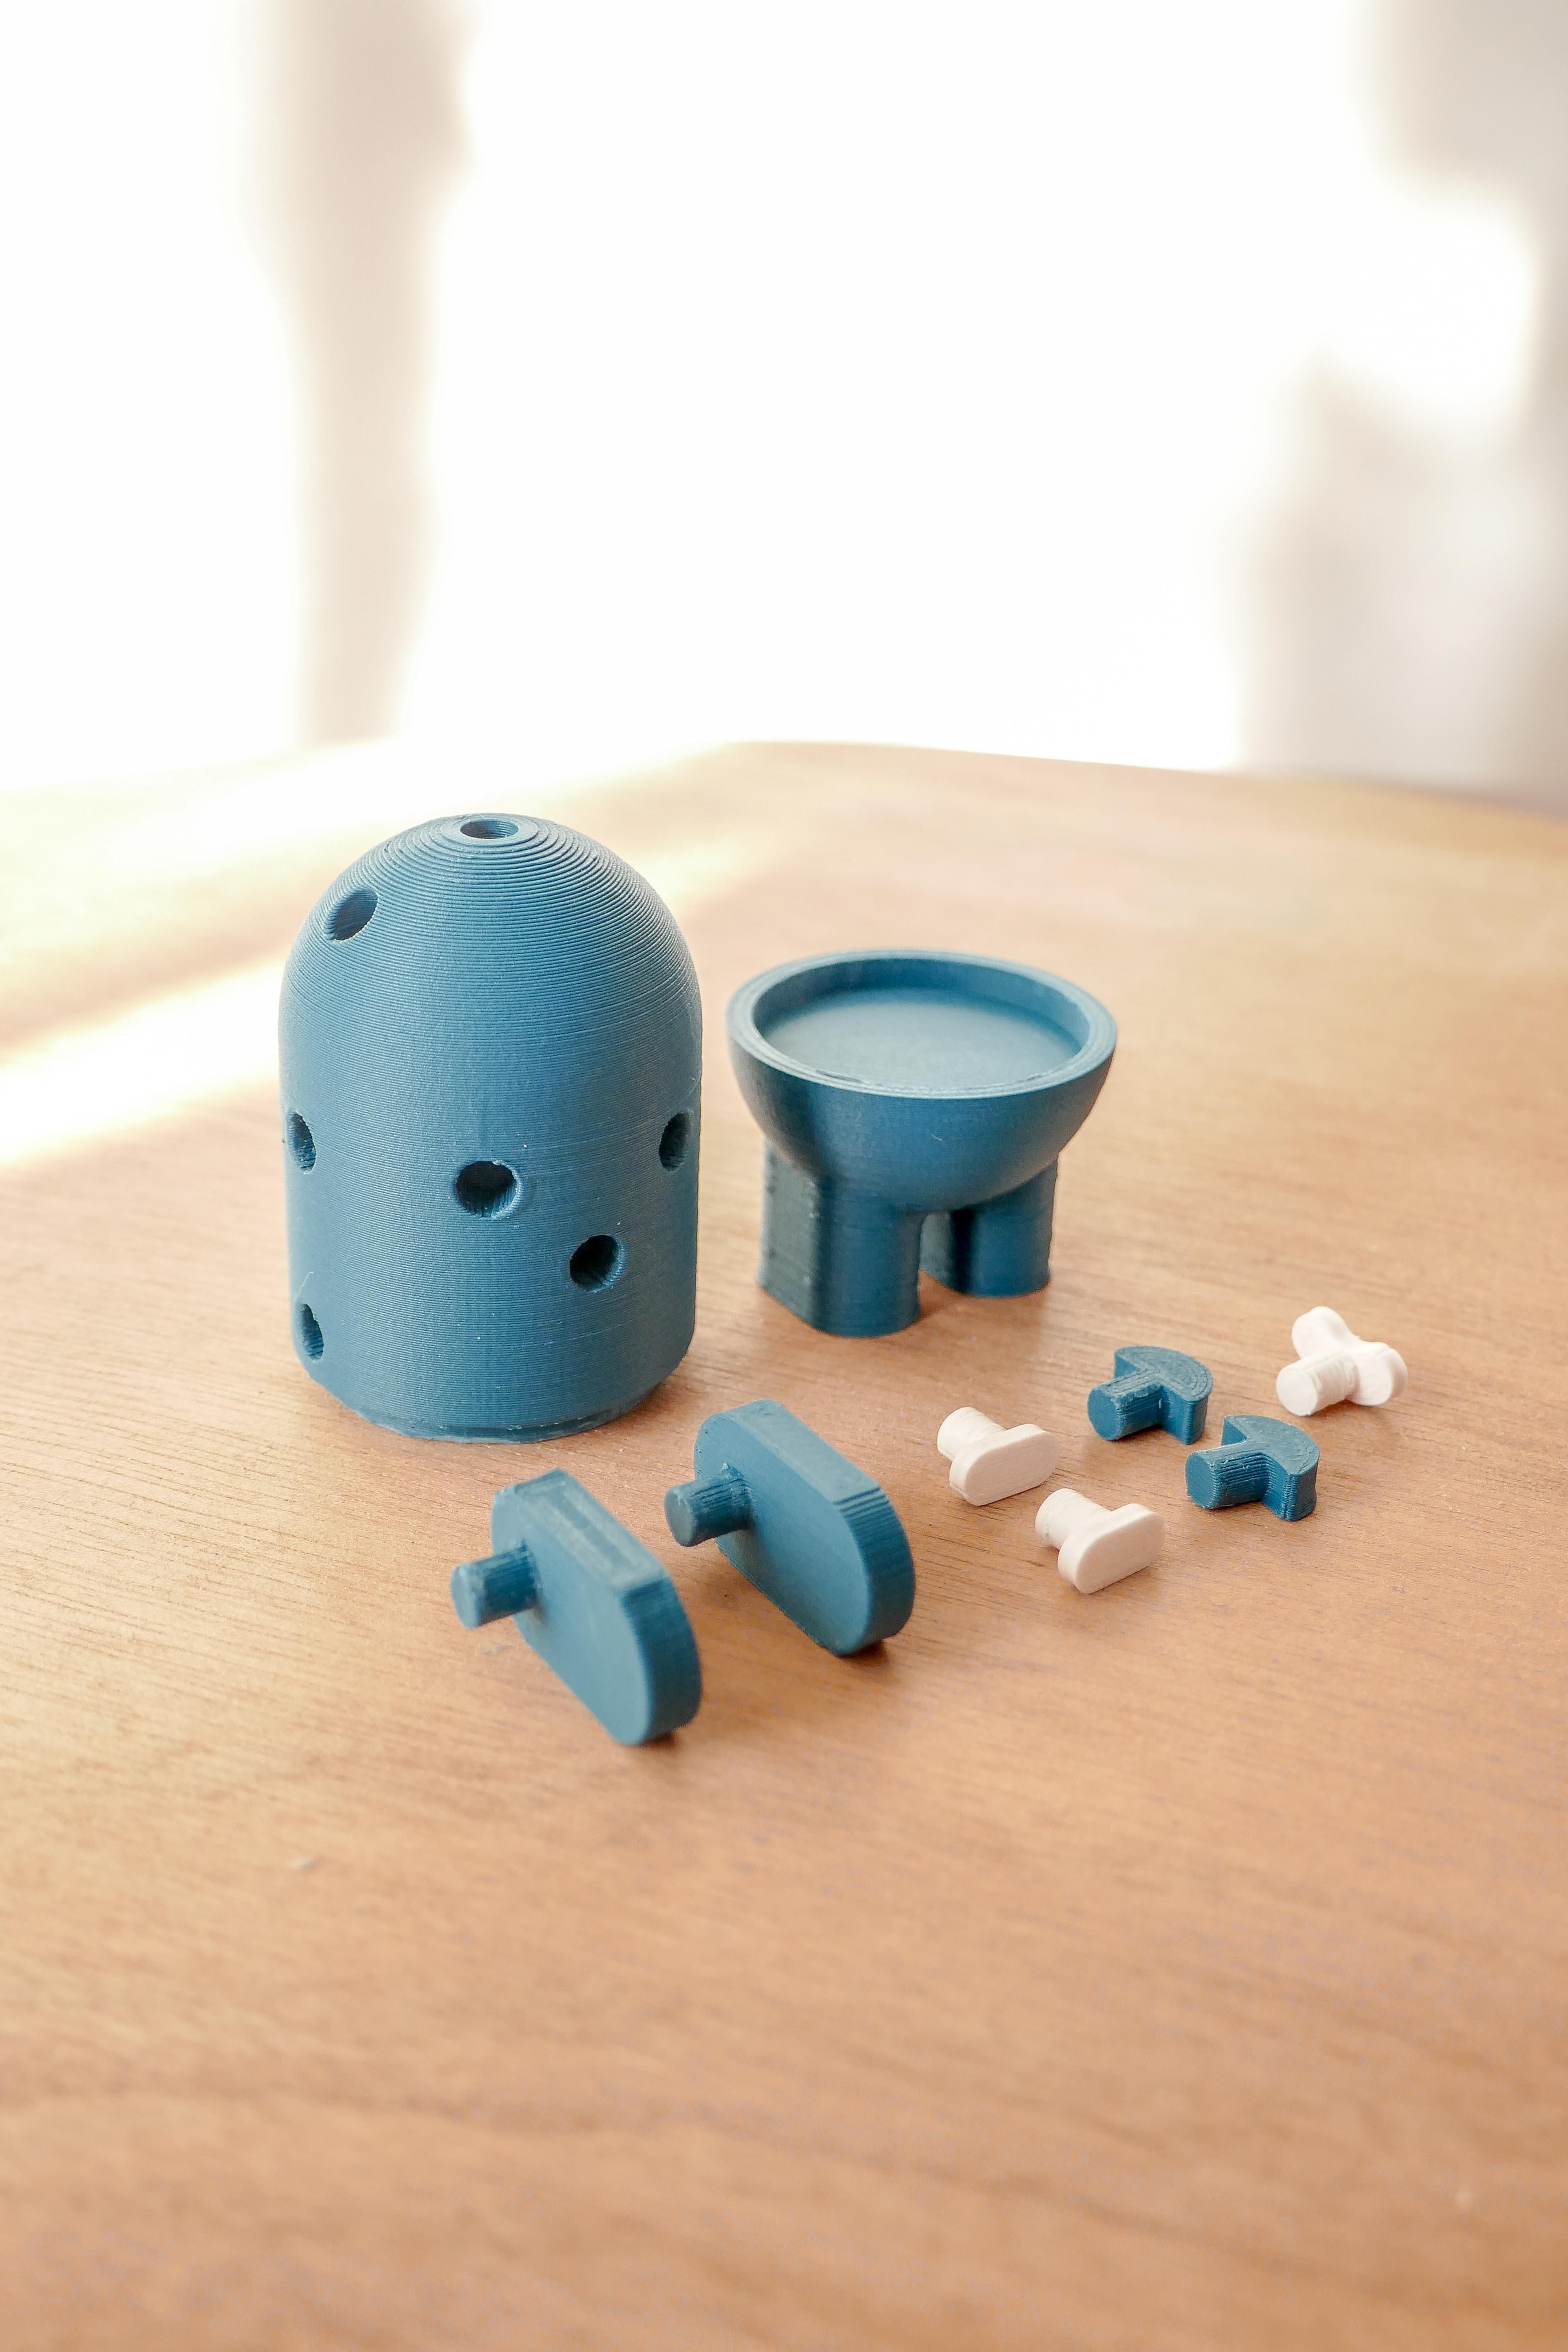 Click and smile_FIGURINE STARTER PACK_studio klipsi_2020 (1 sur 20) (10).jpg Download free STL file Action figure - CLICK & SMILE - Starter pack • Model to 3D print, StudioKlipsi